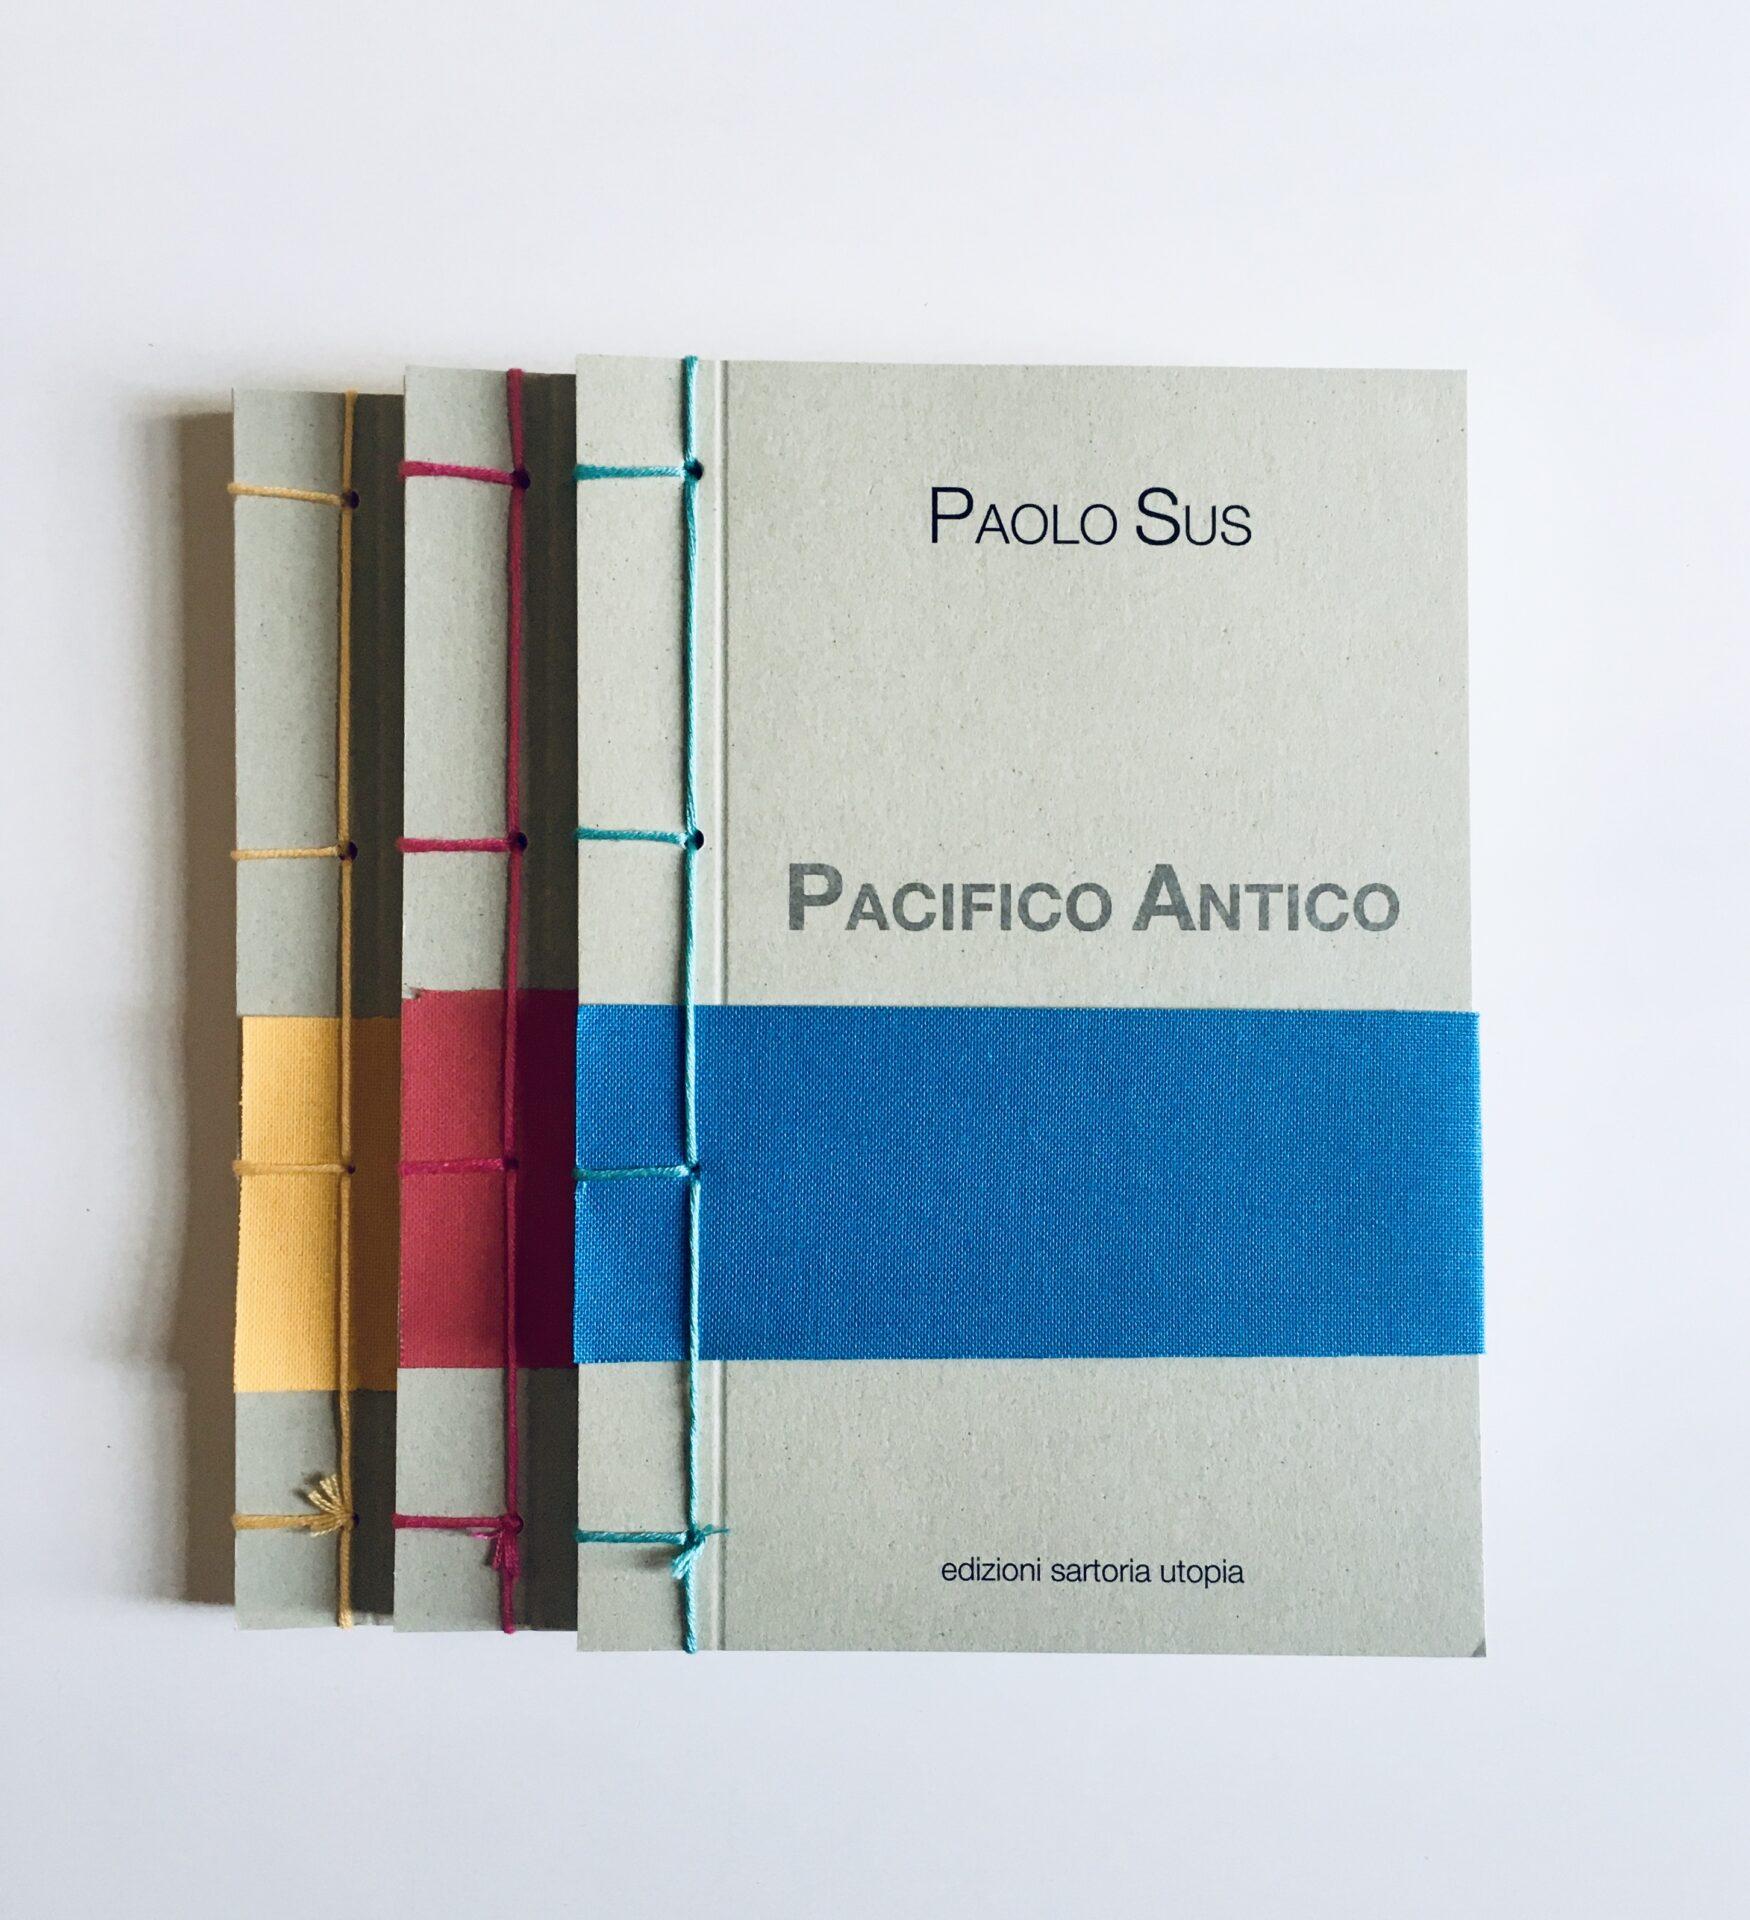 Paolo Sus Pacifico Antico